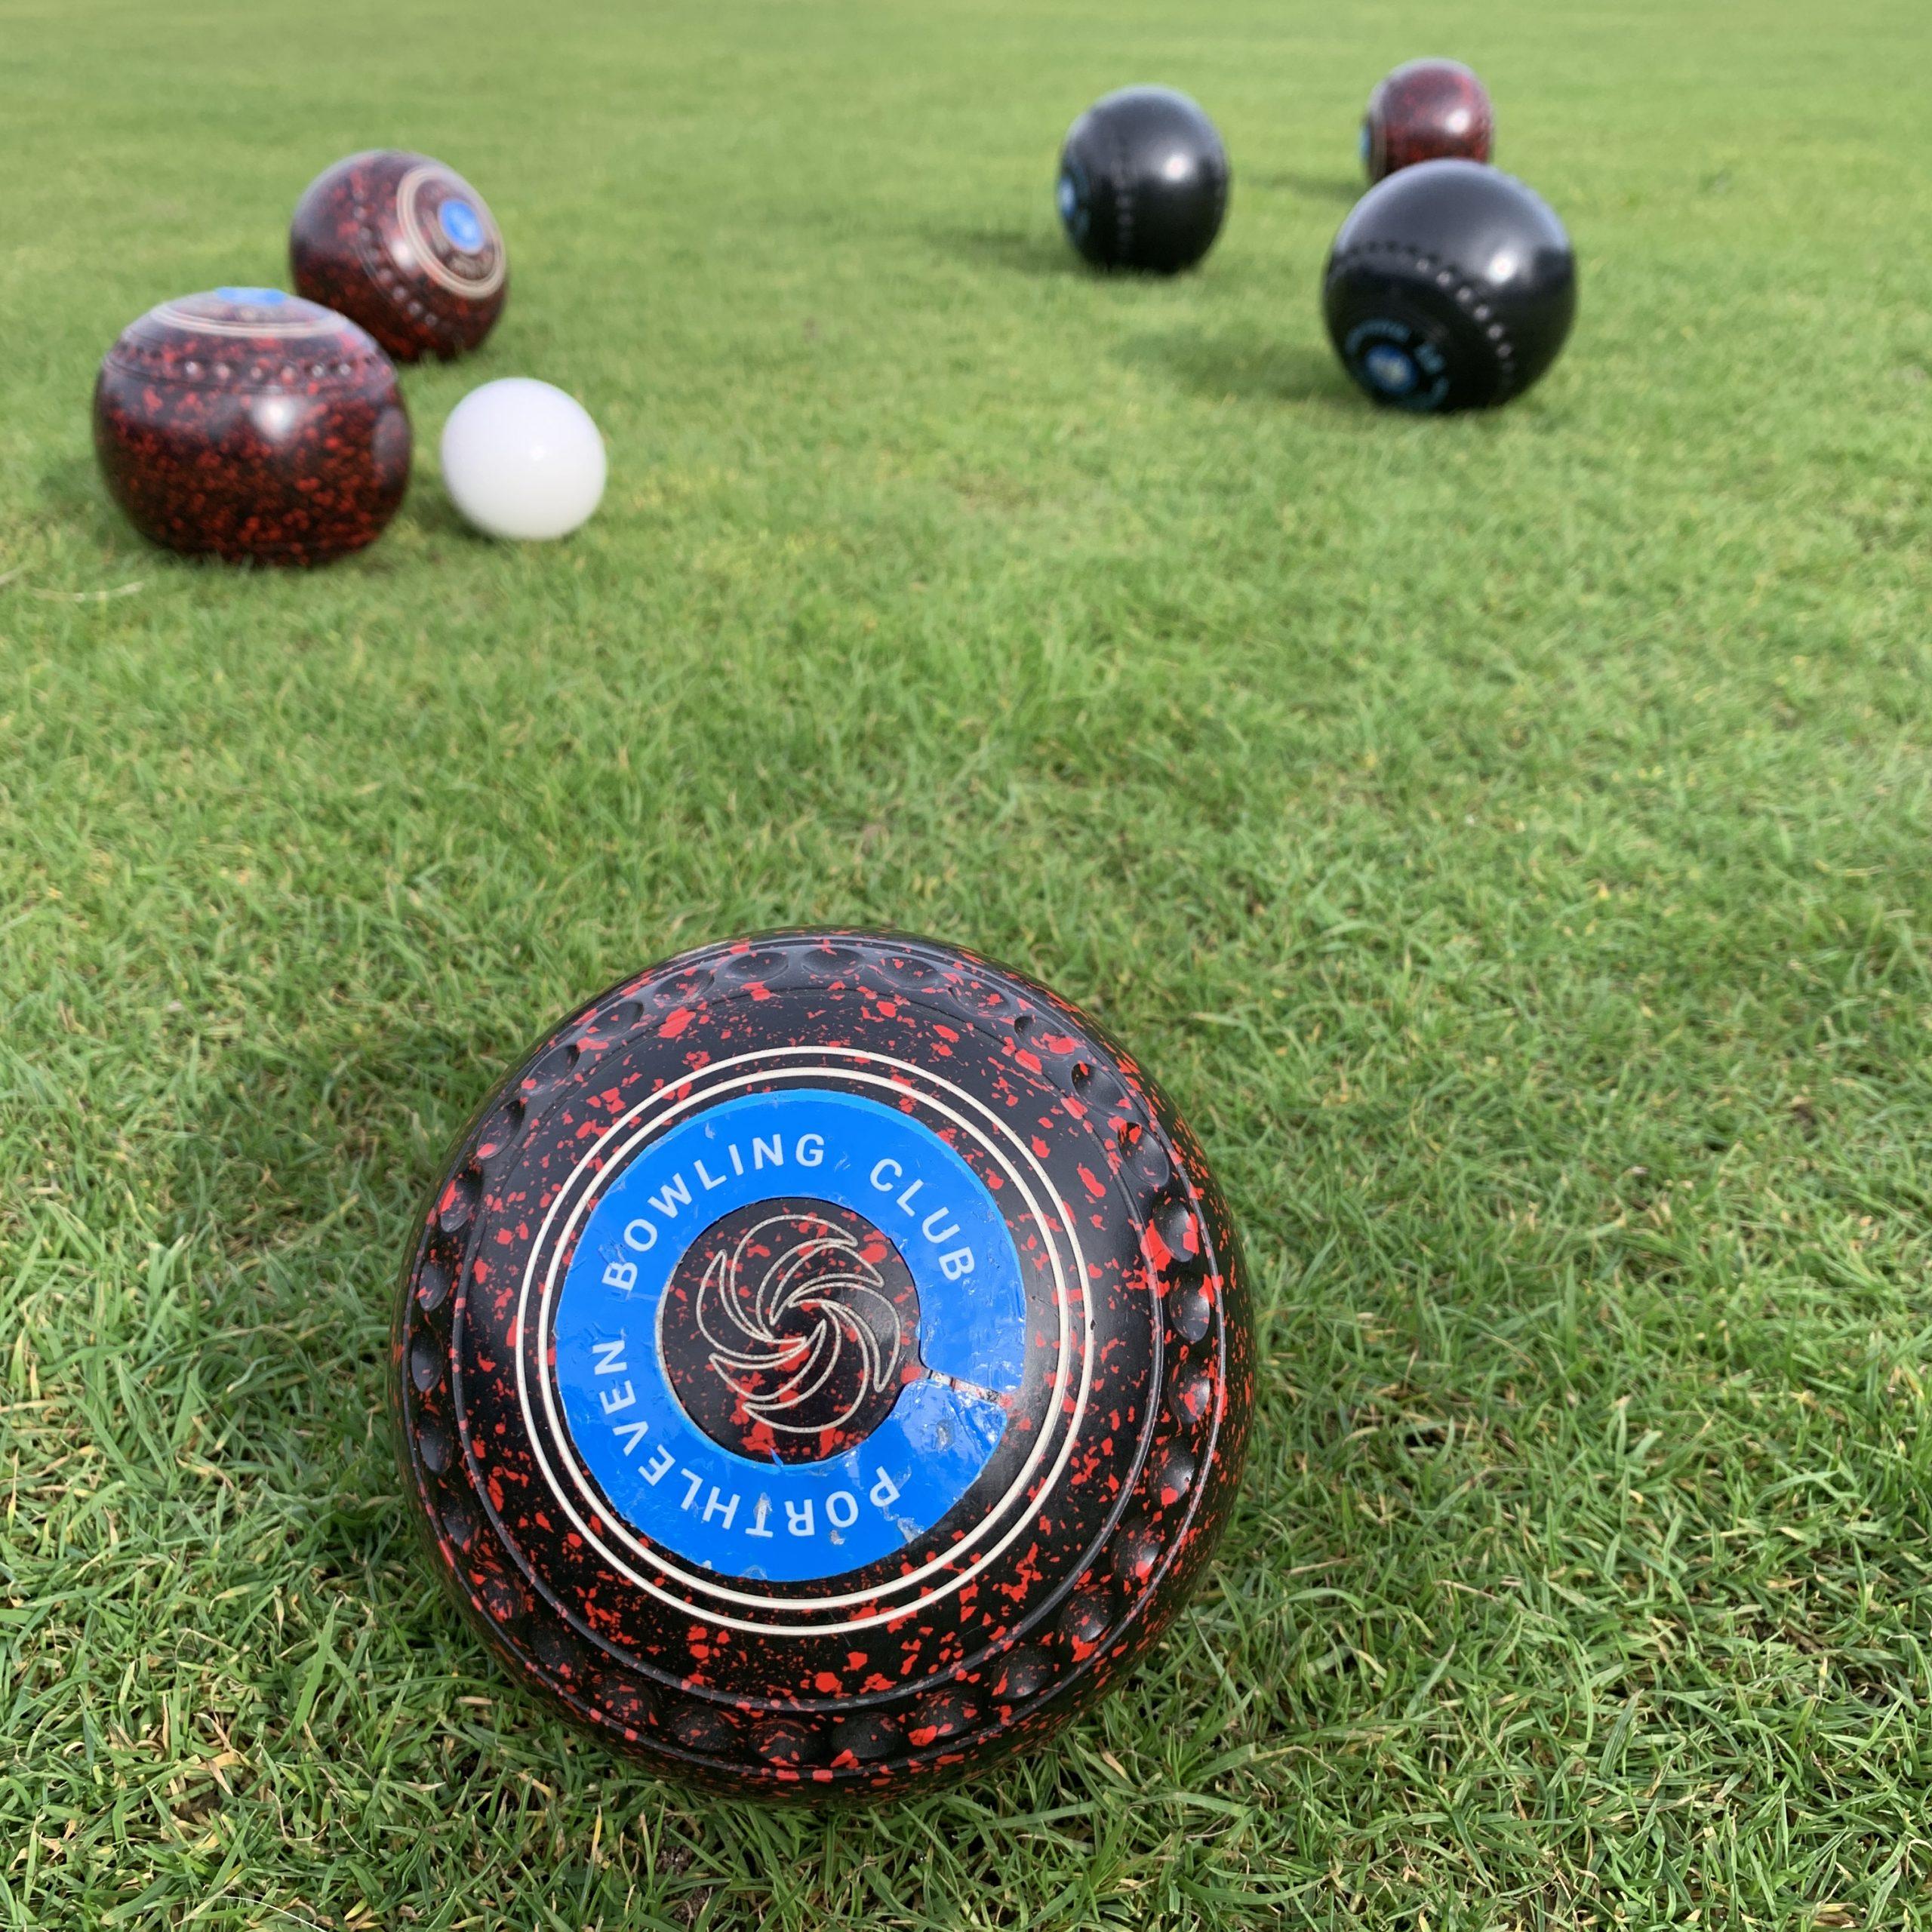 Porthleven Bowling Club bowling balls